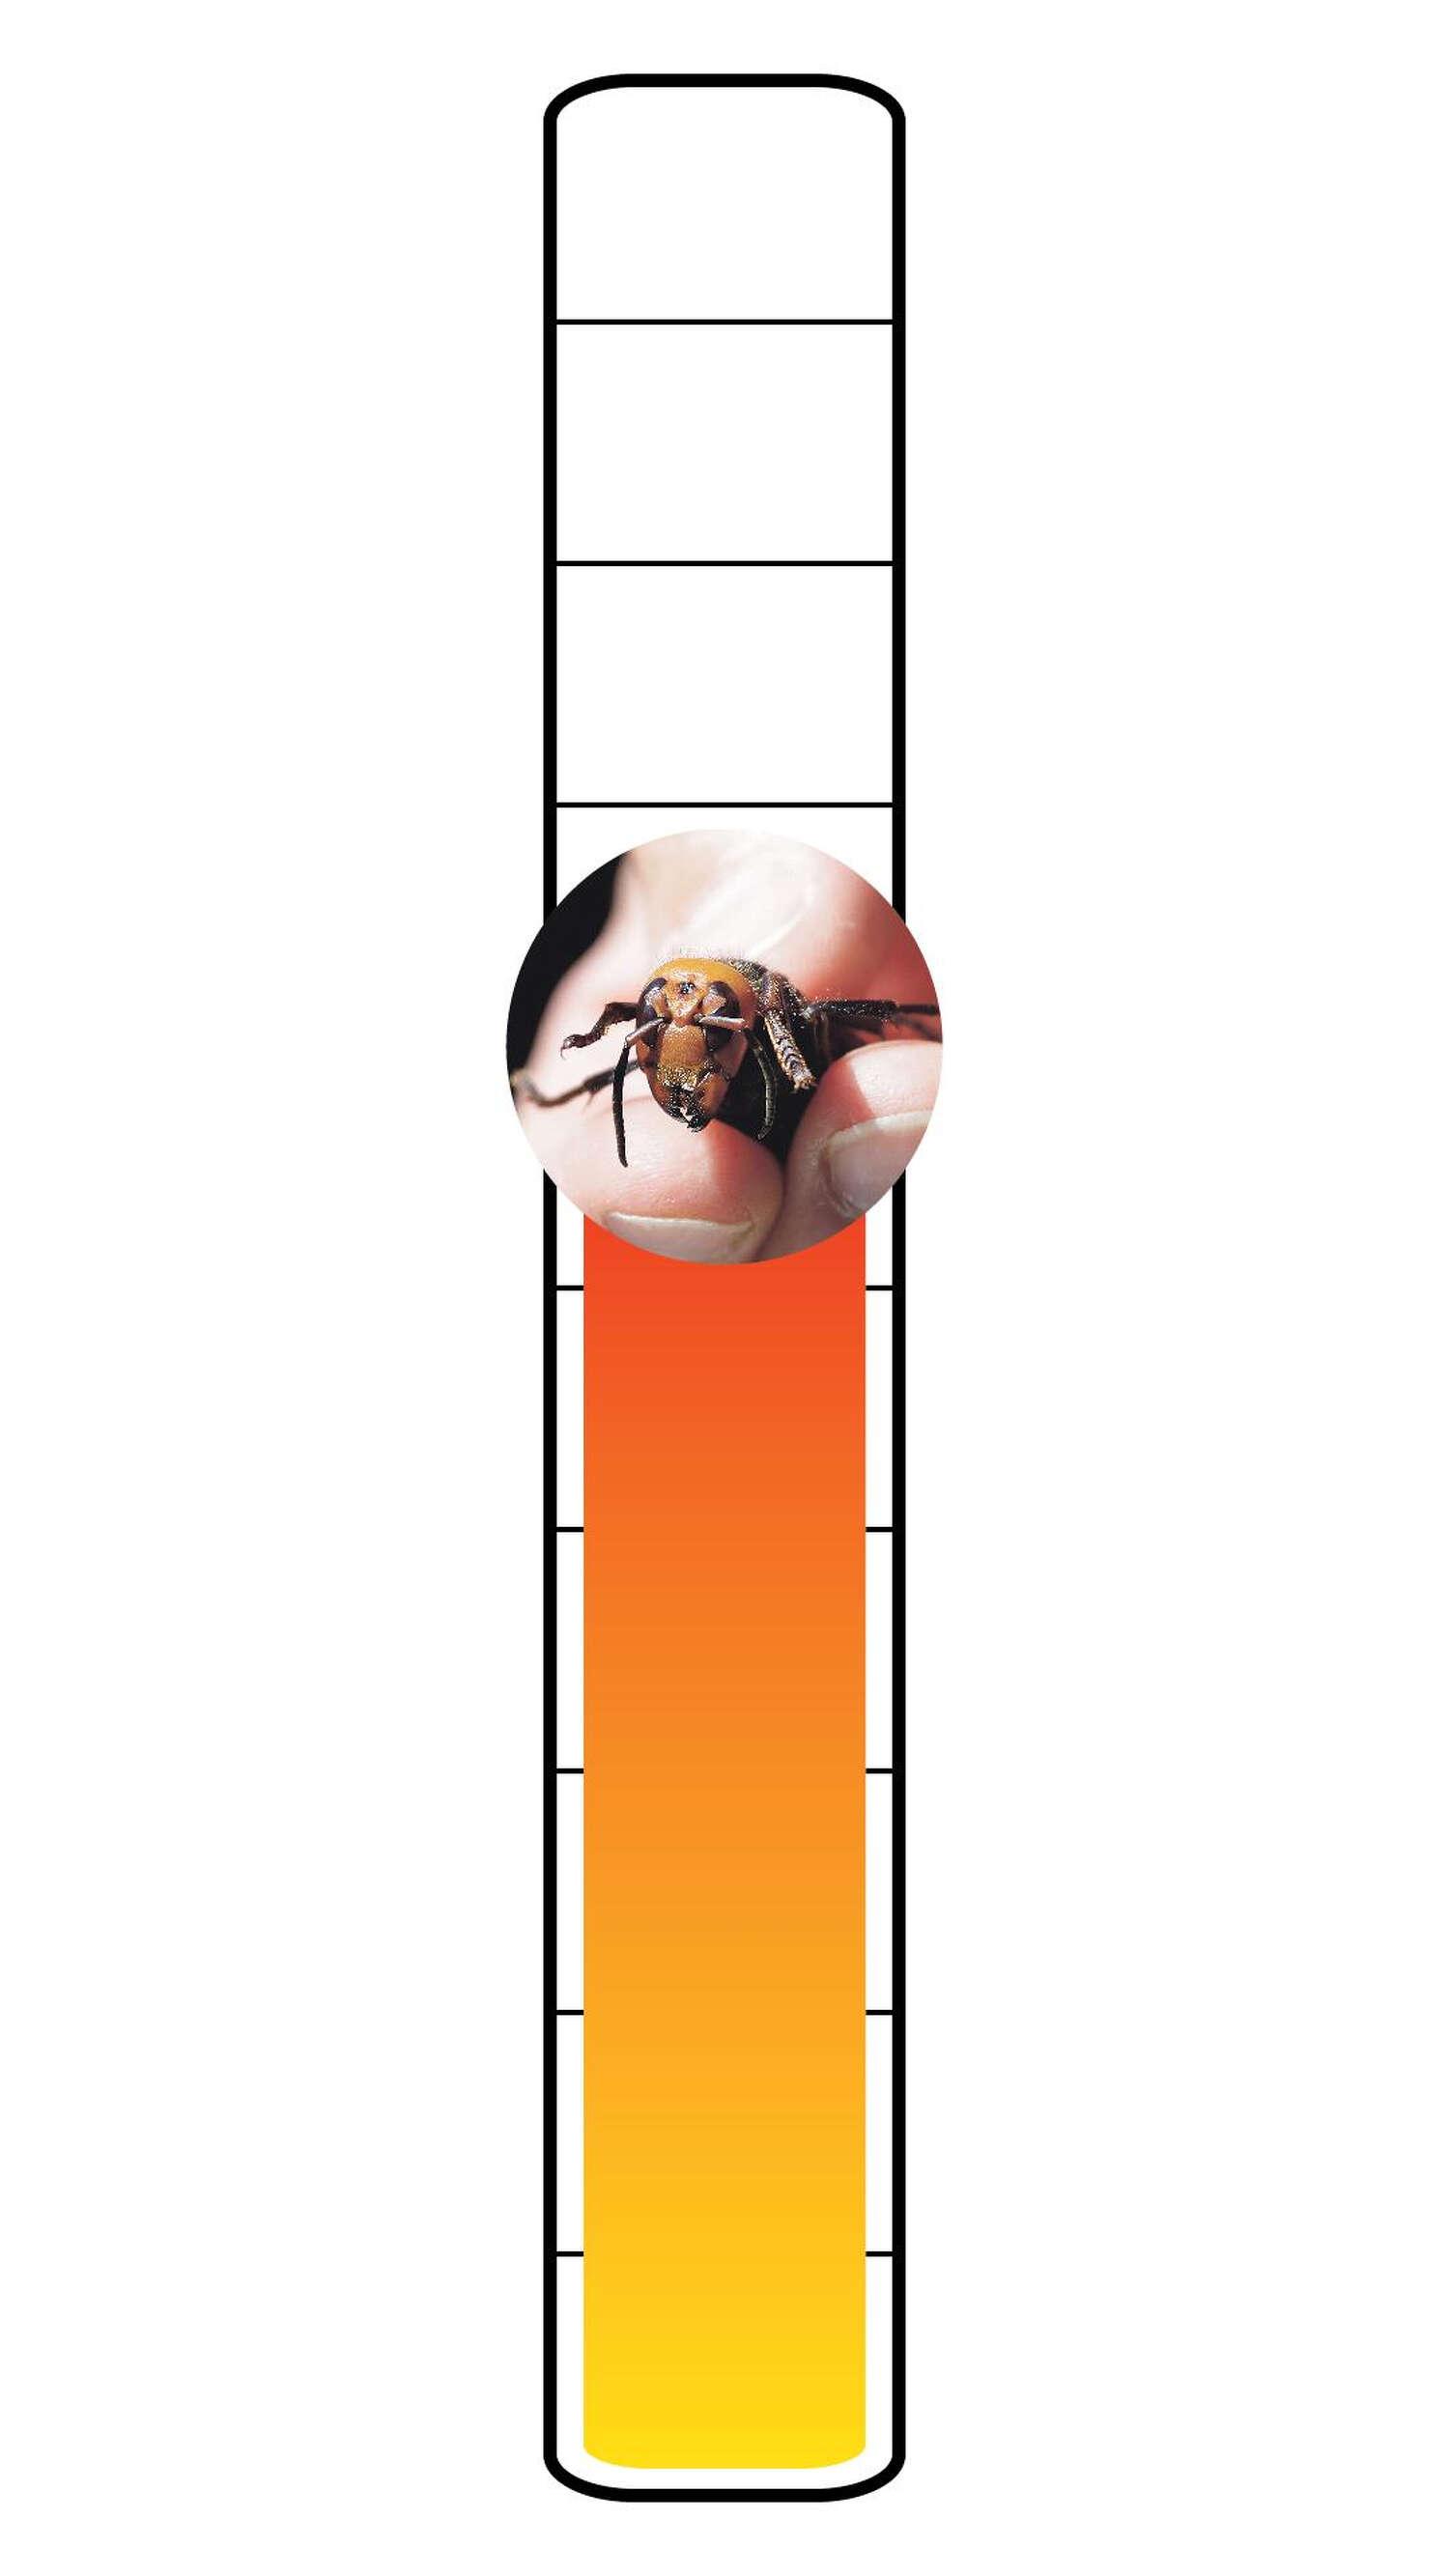 Meter: 6/10. Murder hornet icon.